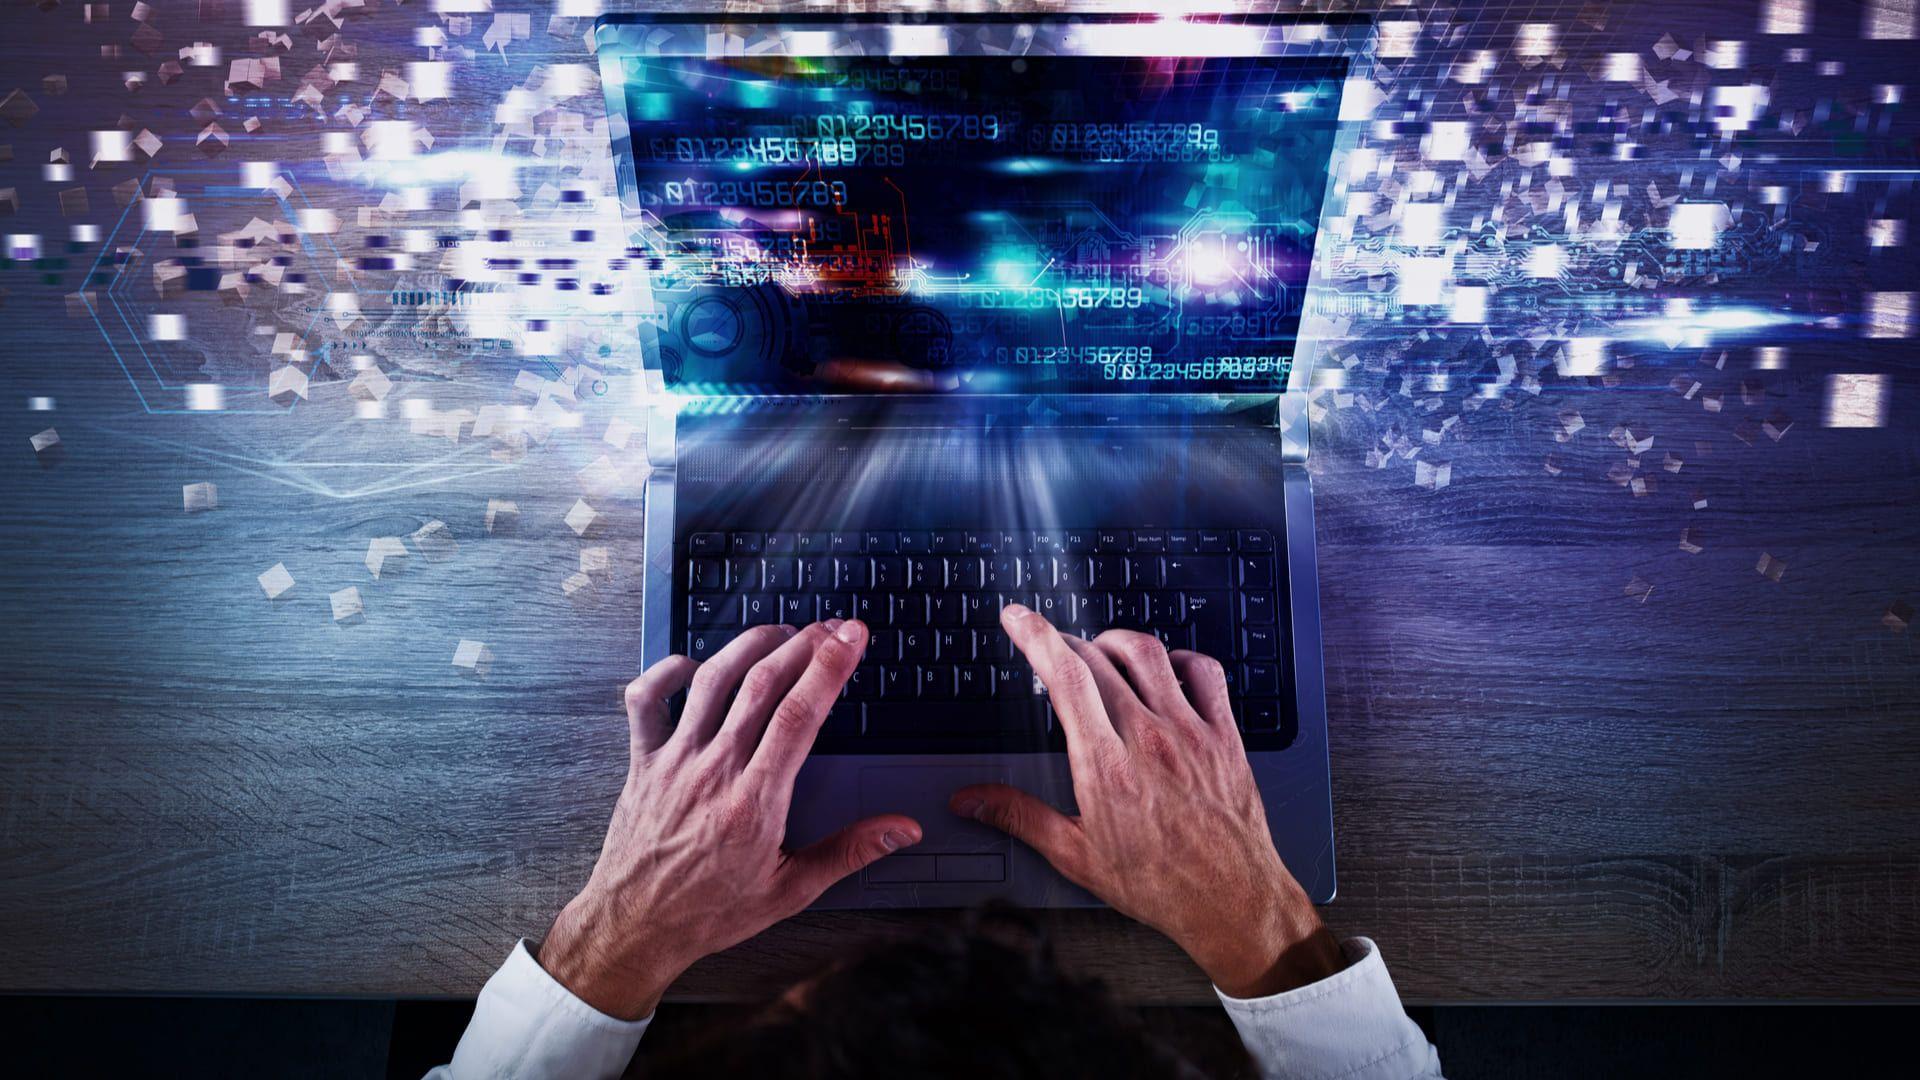 O overclock pode ser uma alternativa para aprimorar o desempenho do computador (Fonte: Shutterstock)